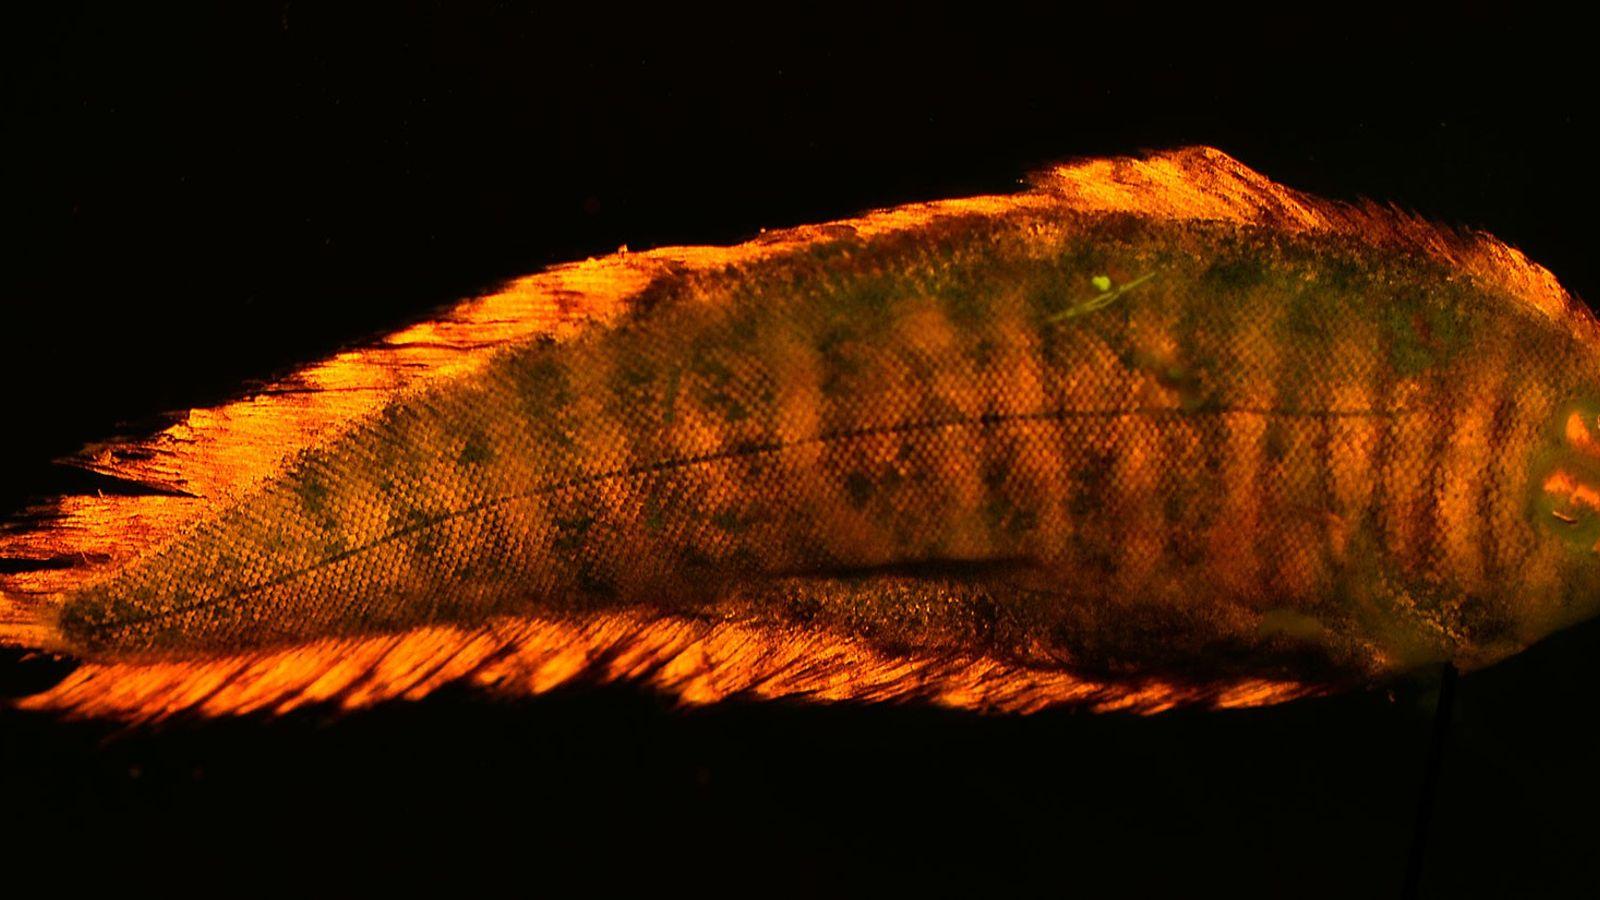 galeria-de-fotos-animais-que-brilham-no-escuro